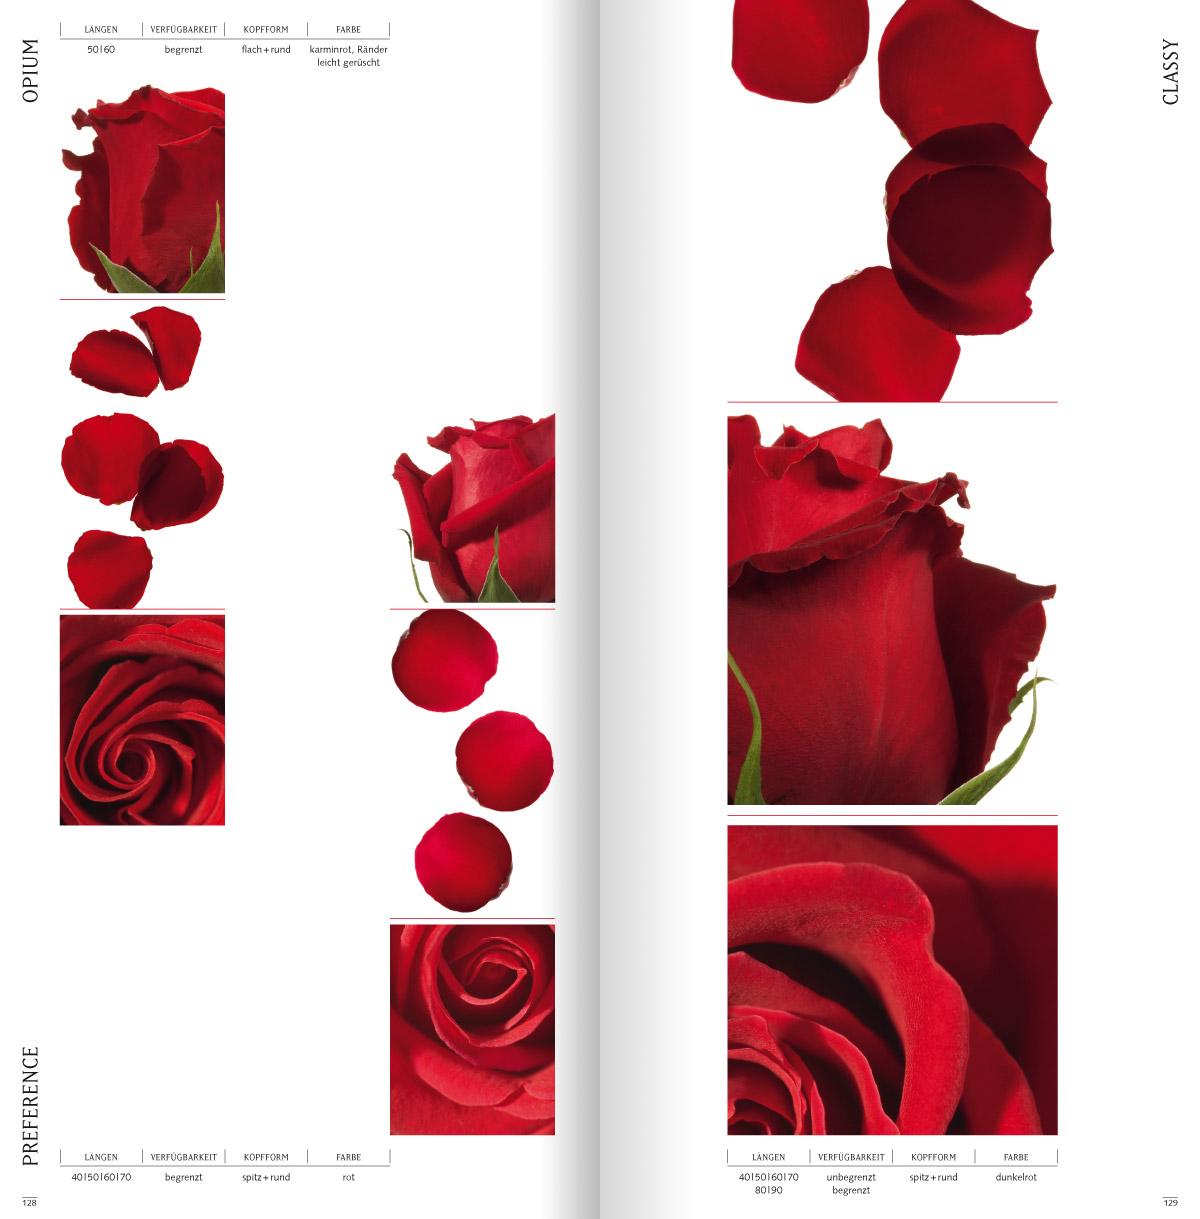 rosen8